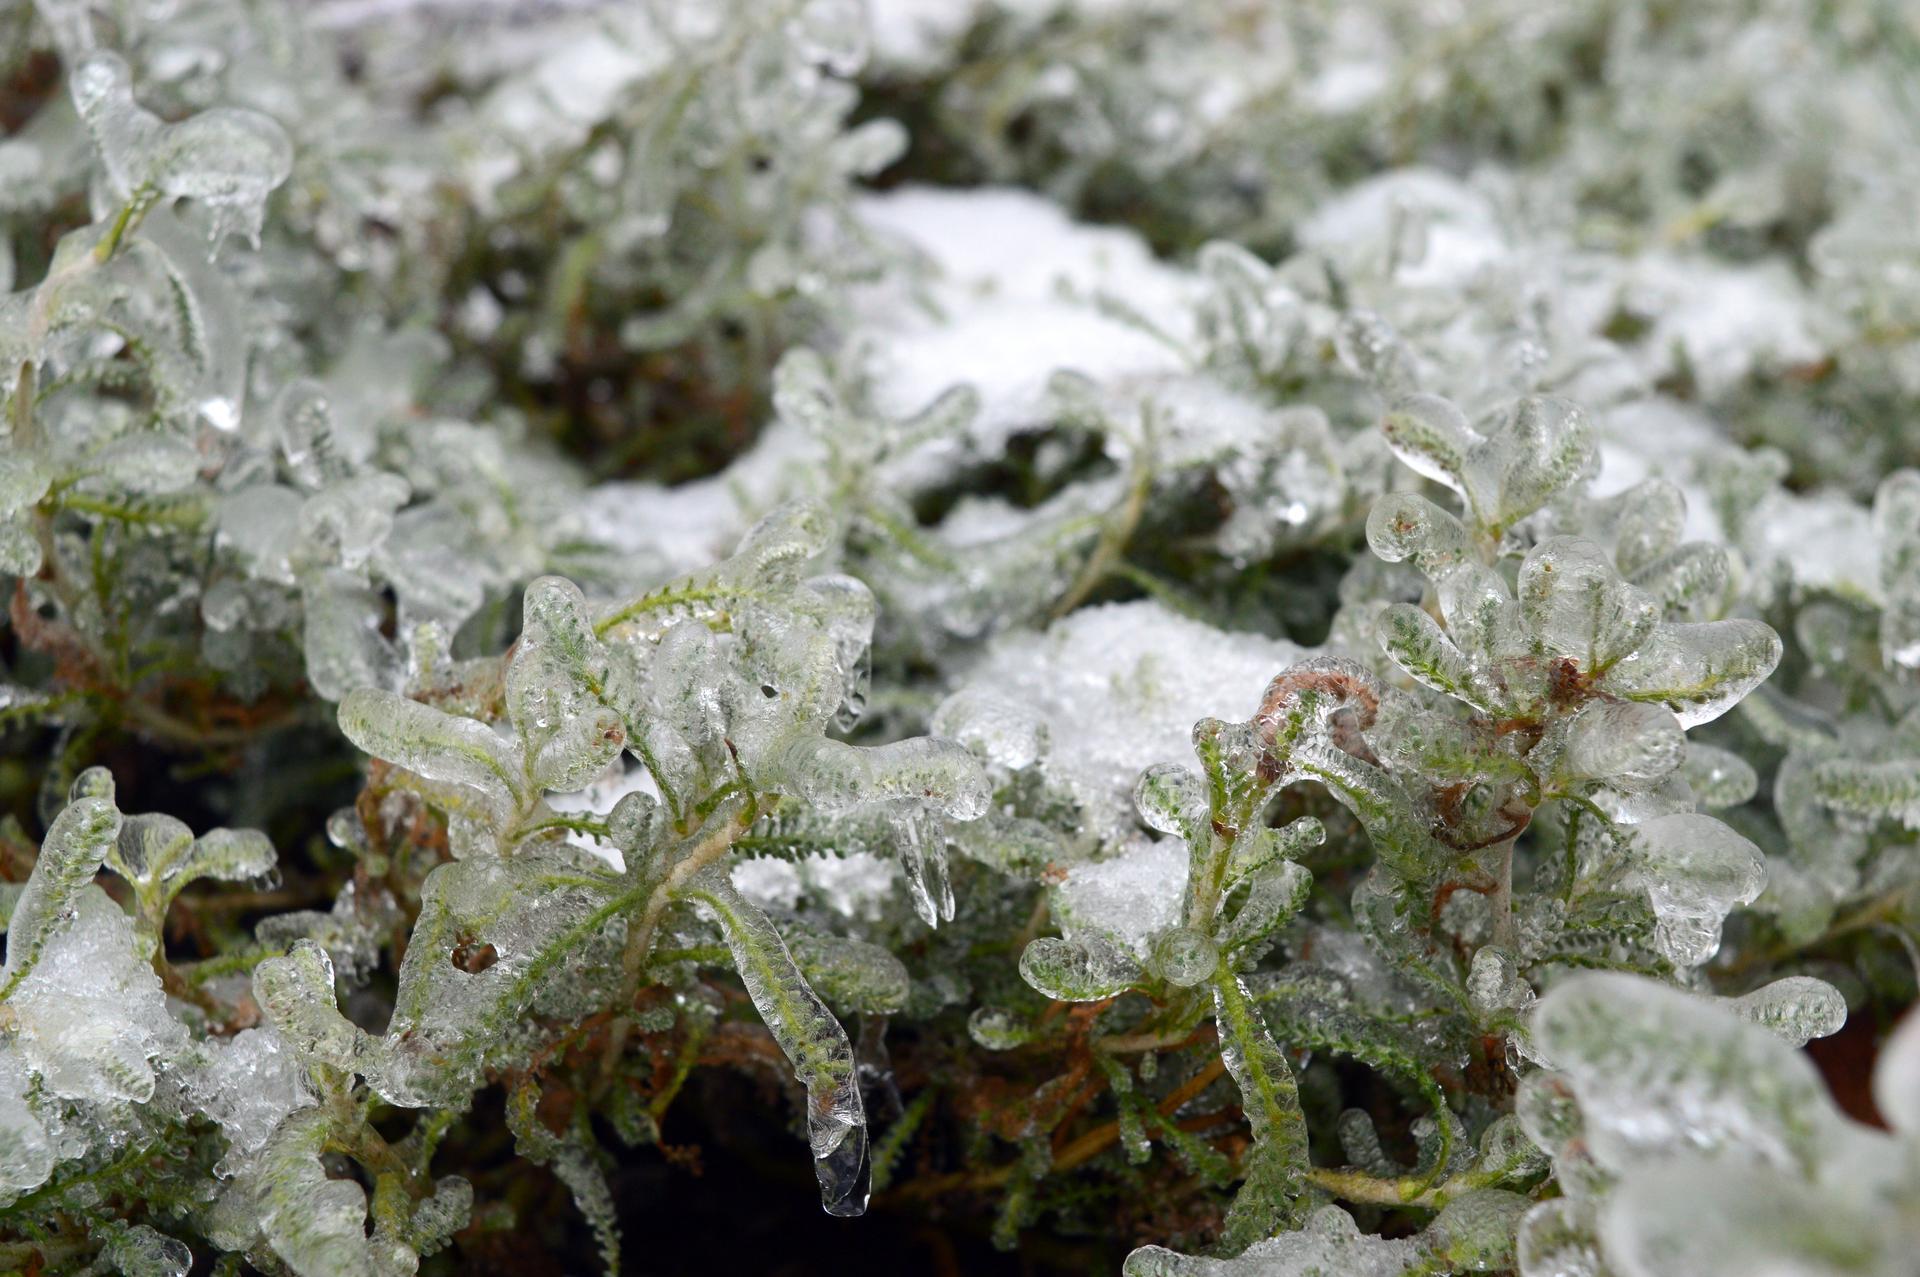 Naša prírodná perma záhradka v roku 2021 - 2/2021 začiatkom februára sme sa zobudili do ľadového kráľovstva, vyblbla sa Elza, vyblbla som sa s foťákom ja. Joj krásne to spomienky na dolniacku zimnú realitu. Tu hore, to bolo po dlhej dobe veľmi krásne, aj príjemné.